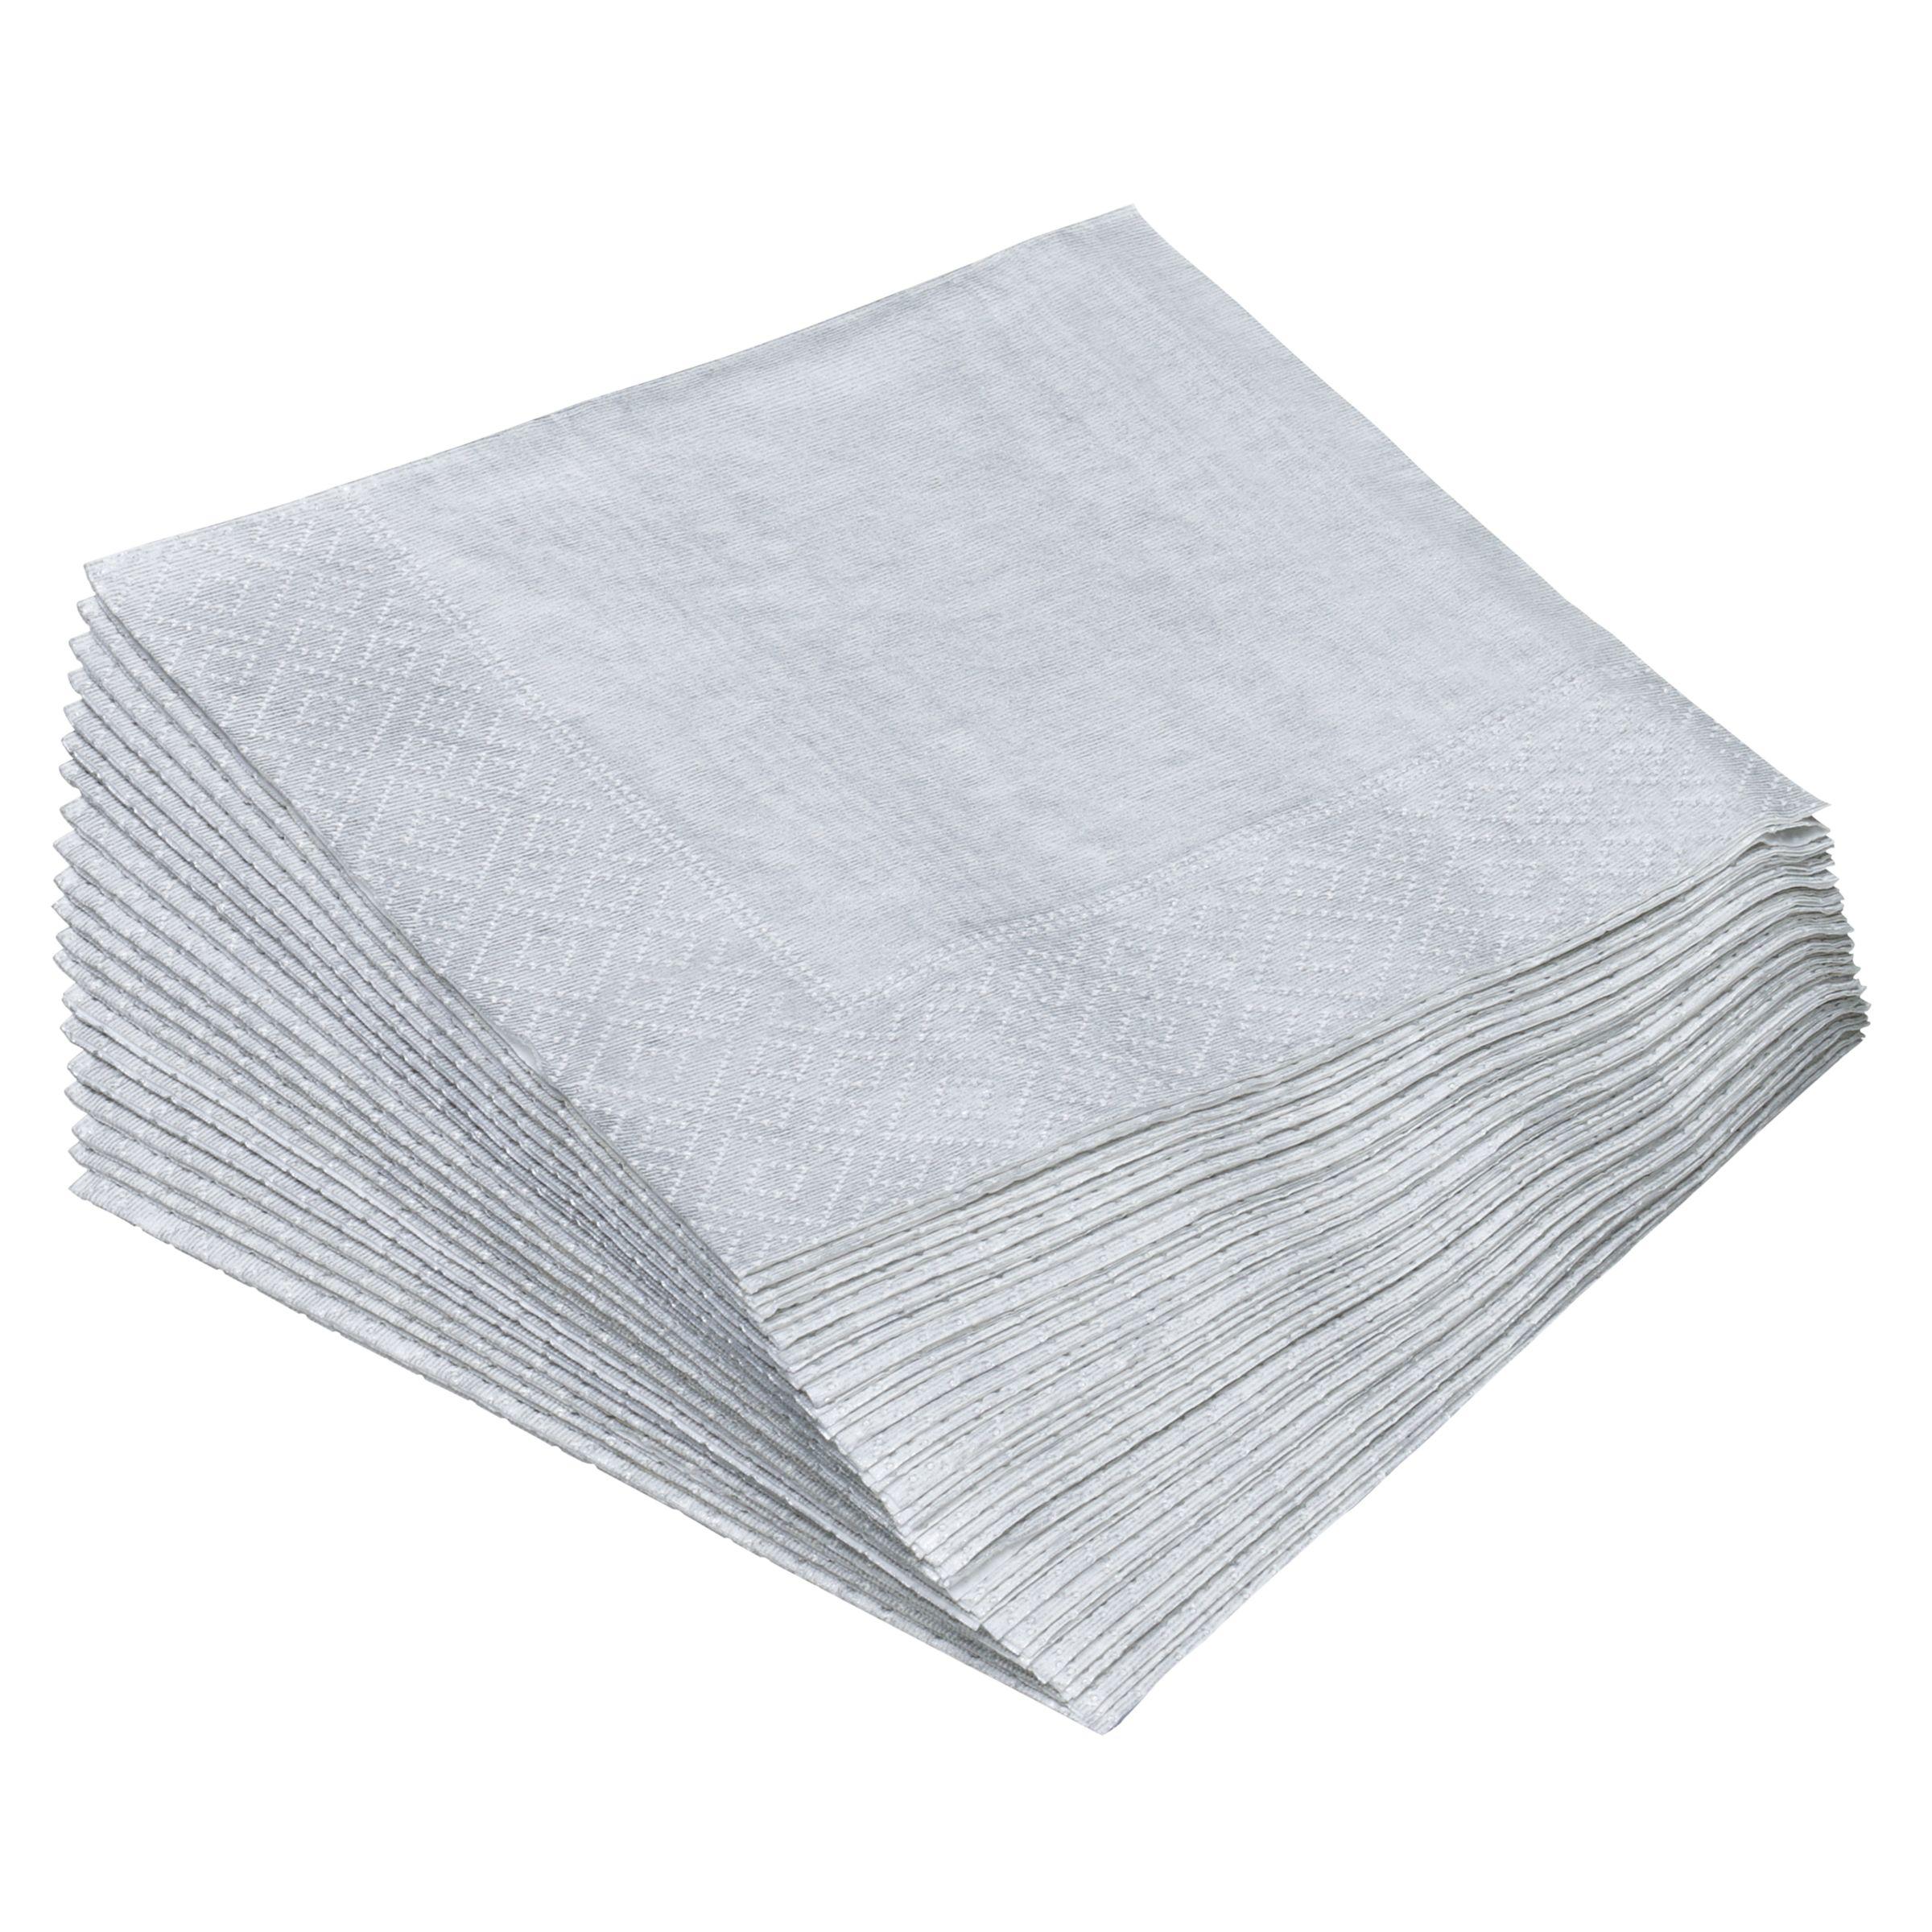 Caspari Caspari Paper Cocktail Napkins, Pack of 20, 25 x 25cm